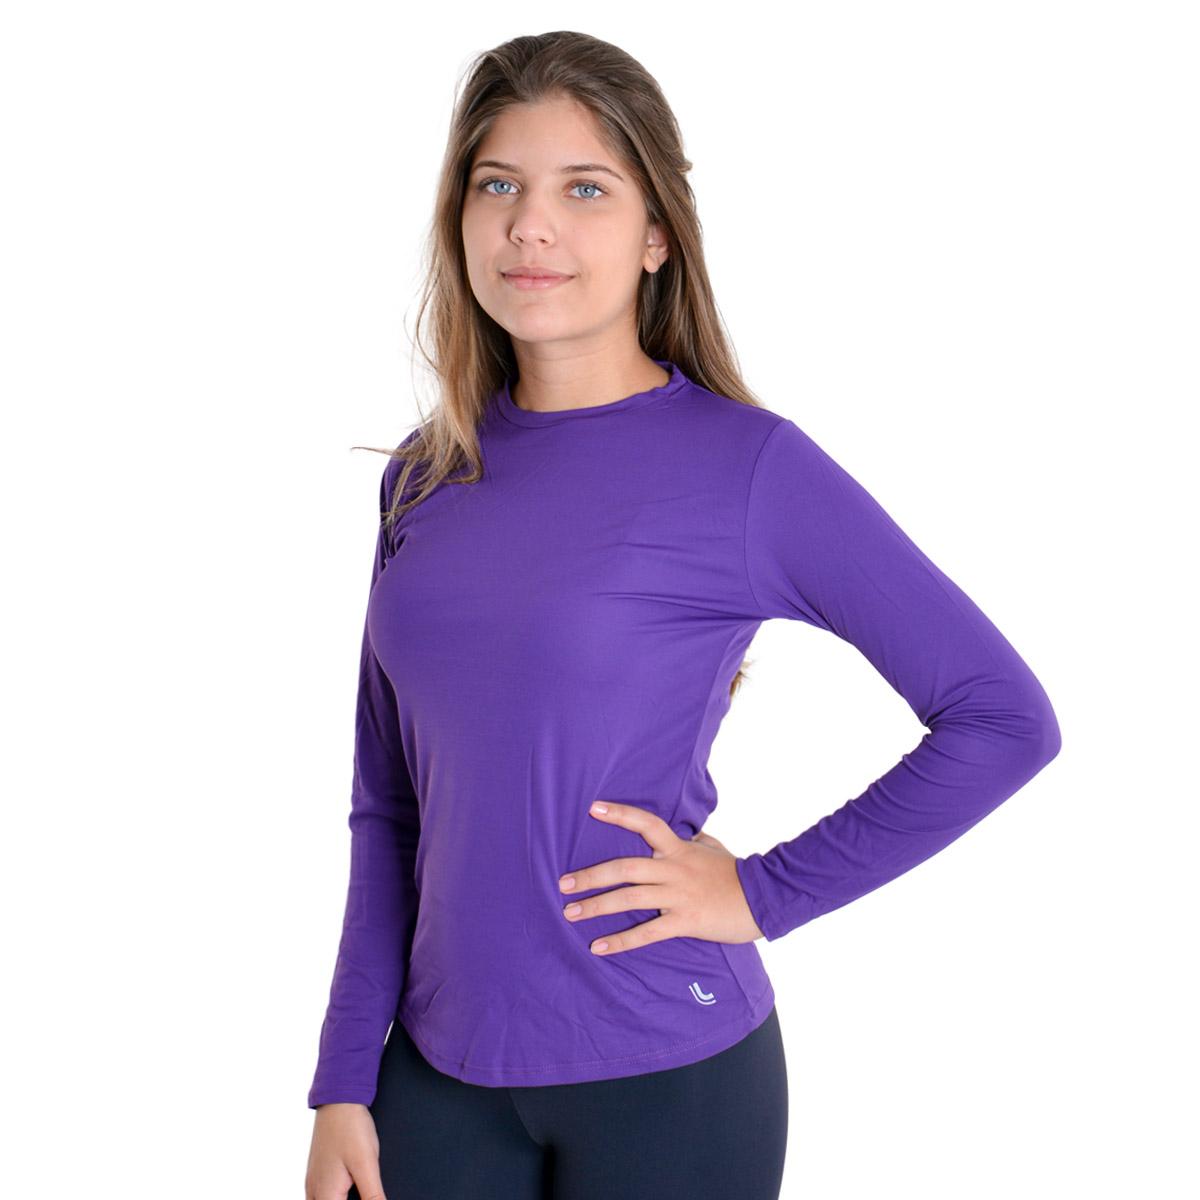 Camiseta feminina térmica proteção UV repelente roupa academia Lupo